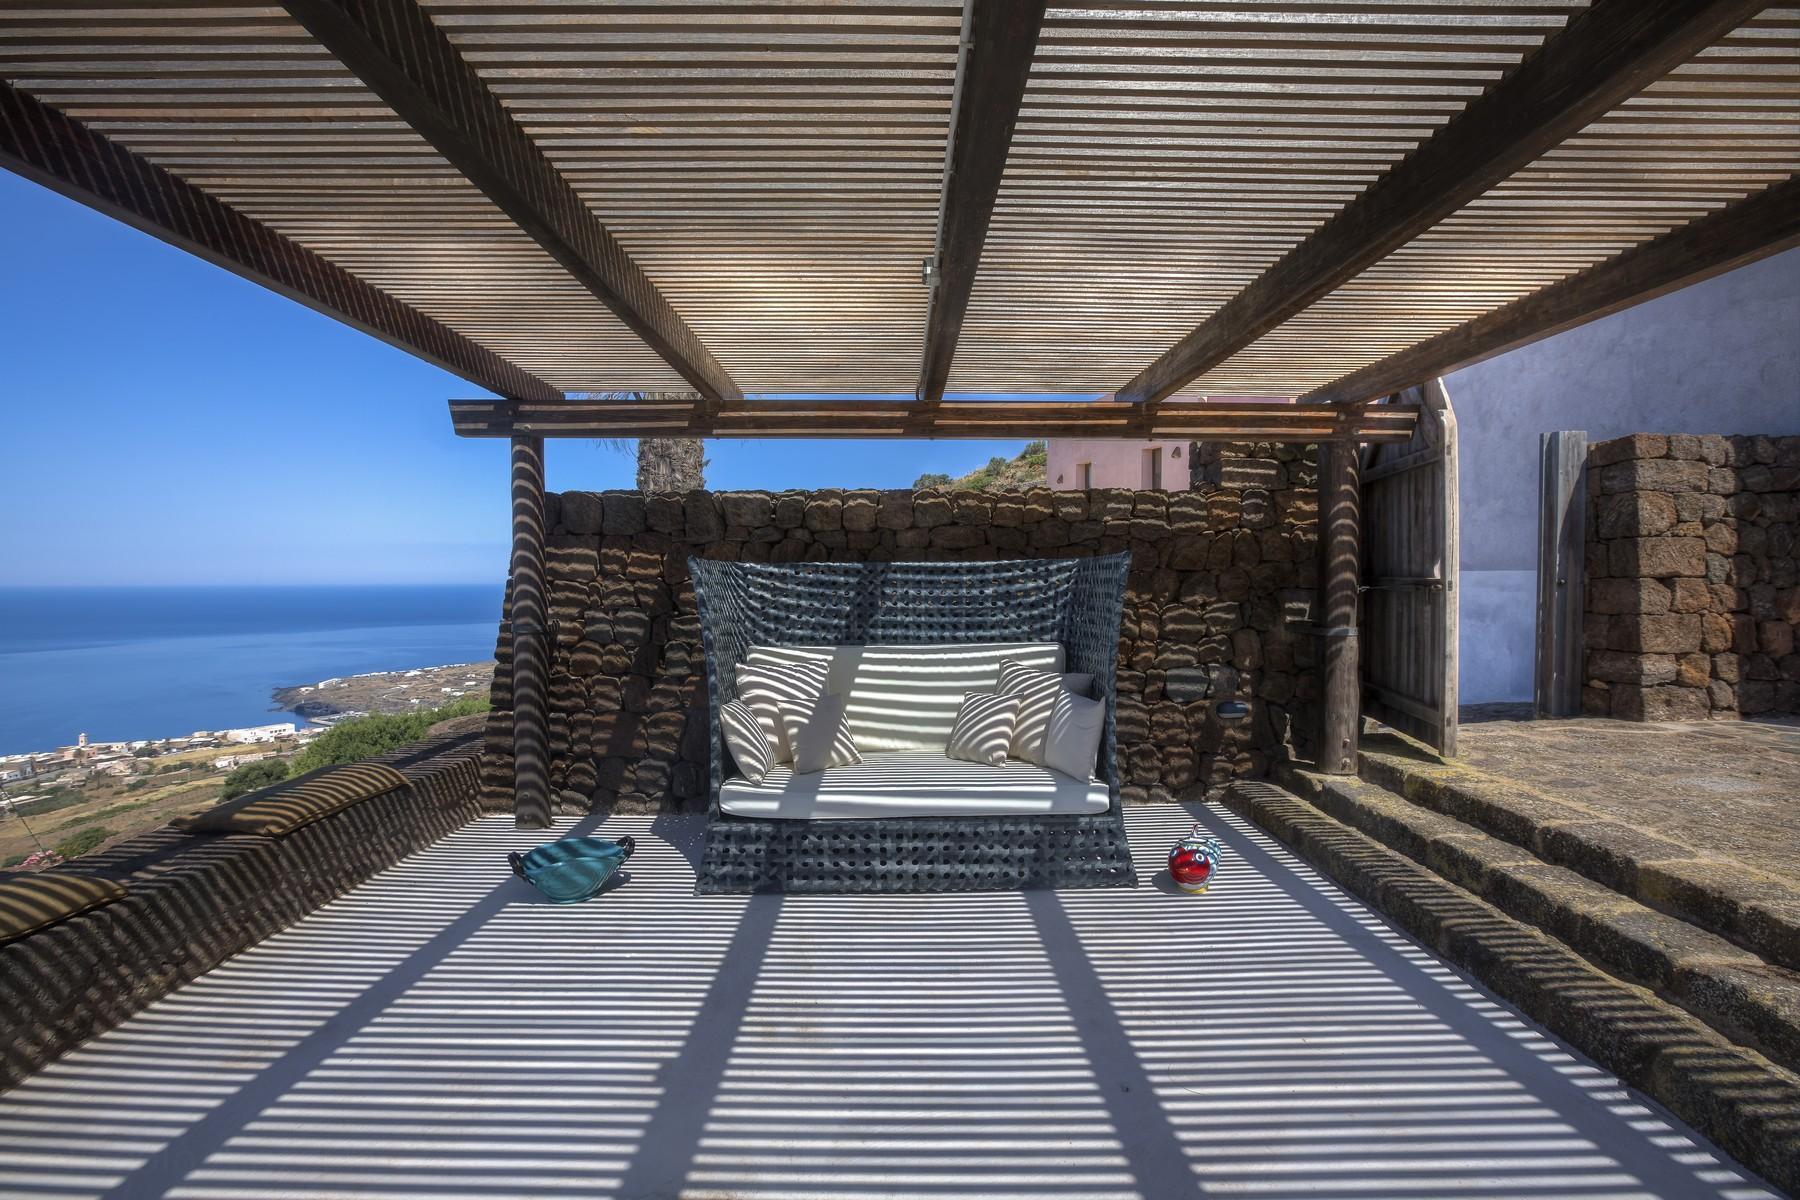 Un paradiso incontaminato nell'esclusiva isola di Pantelleria - 17